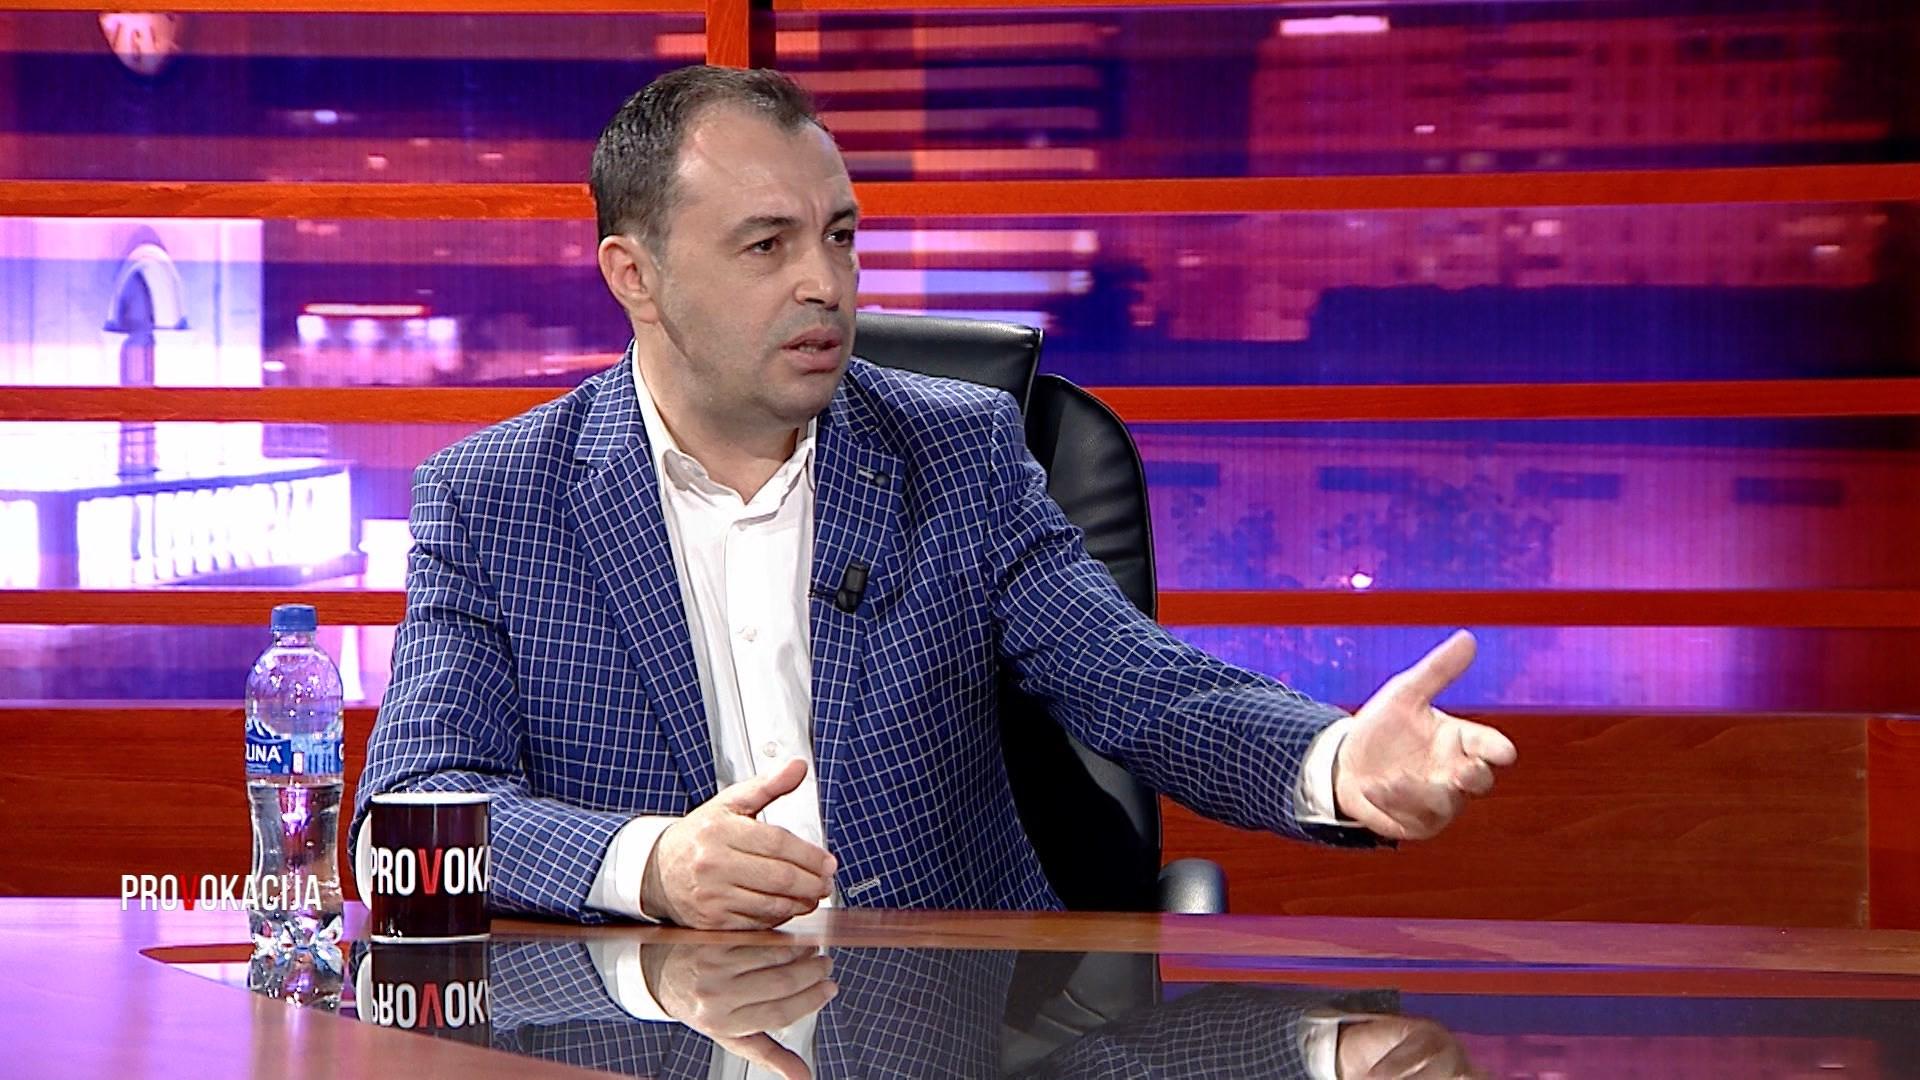 Debati në KQZ, Biba: Zguri ndryshoi qasje, kërkesa nuk ka bazë ligjore